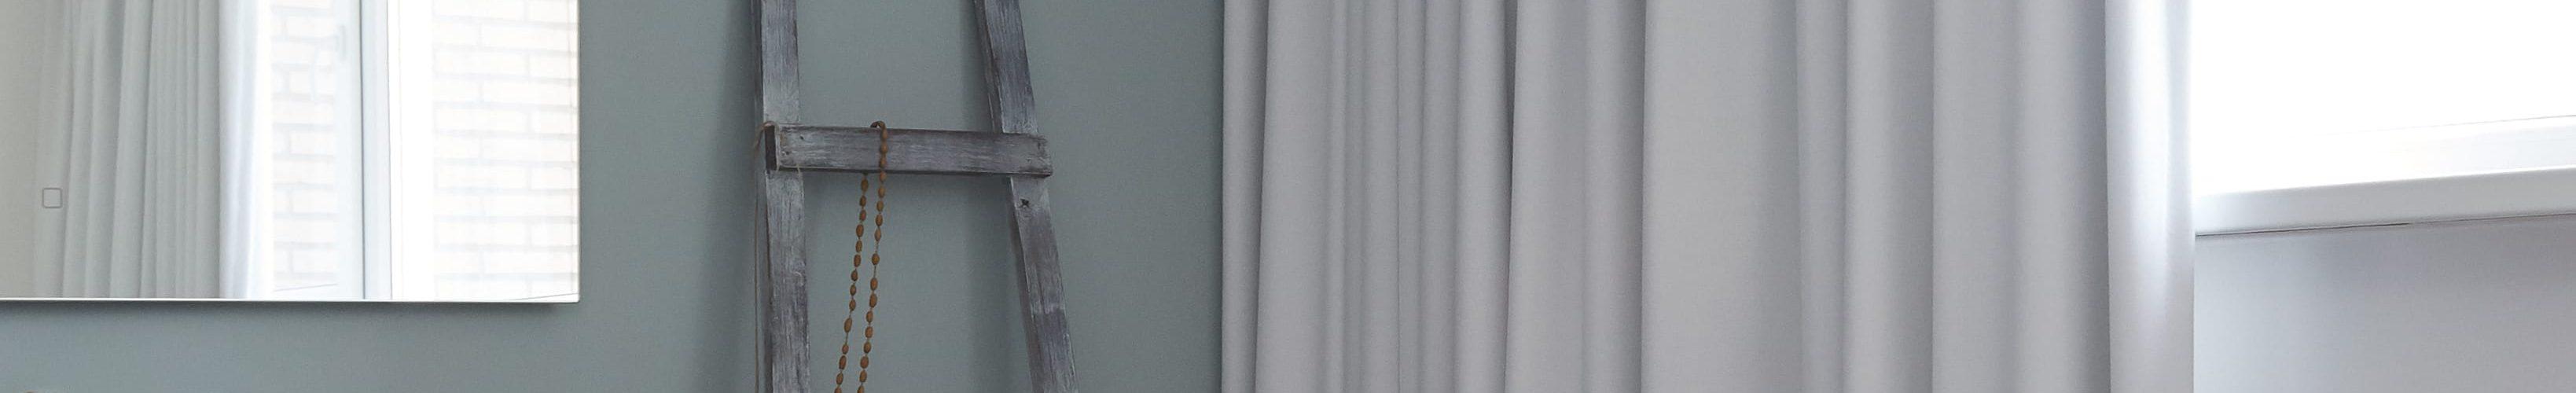 Sfeer living uw woonblog omtrent sfeervol wonen for Verduisterende gordijnen slaapkamer